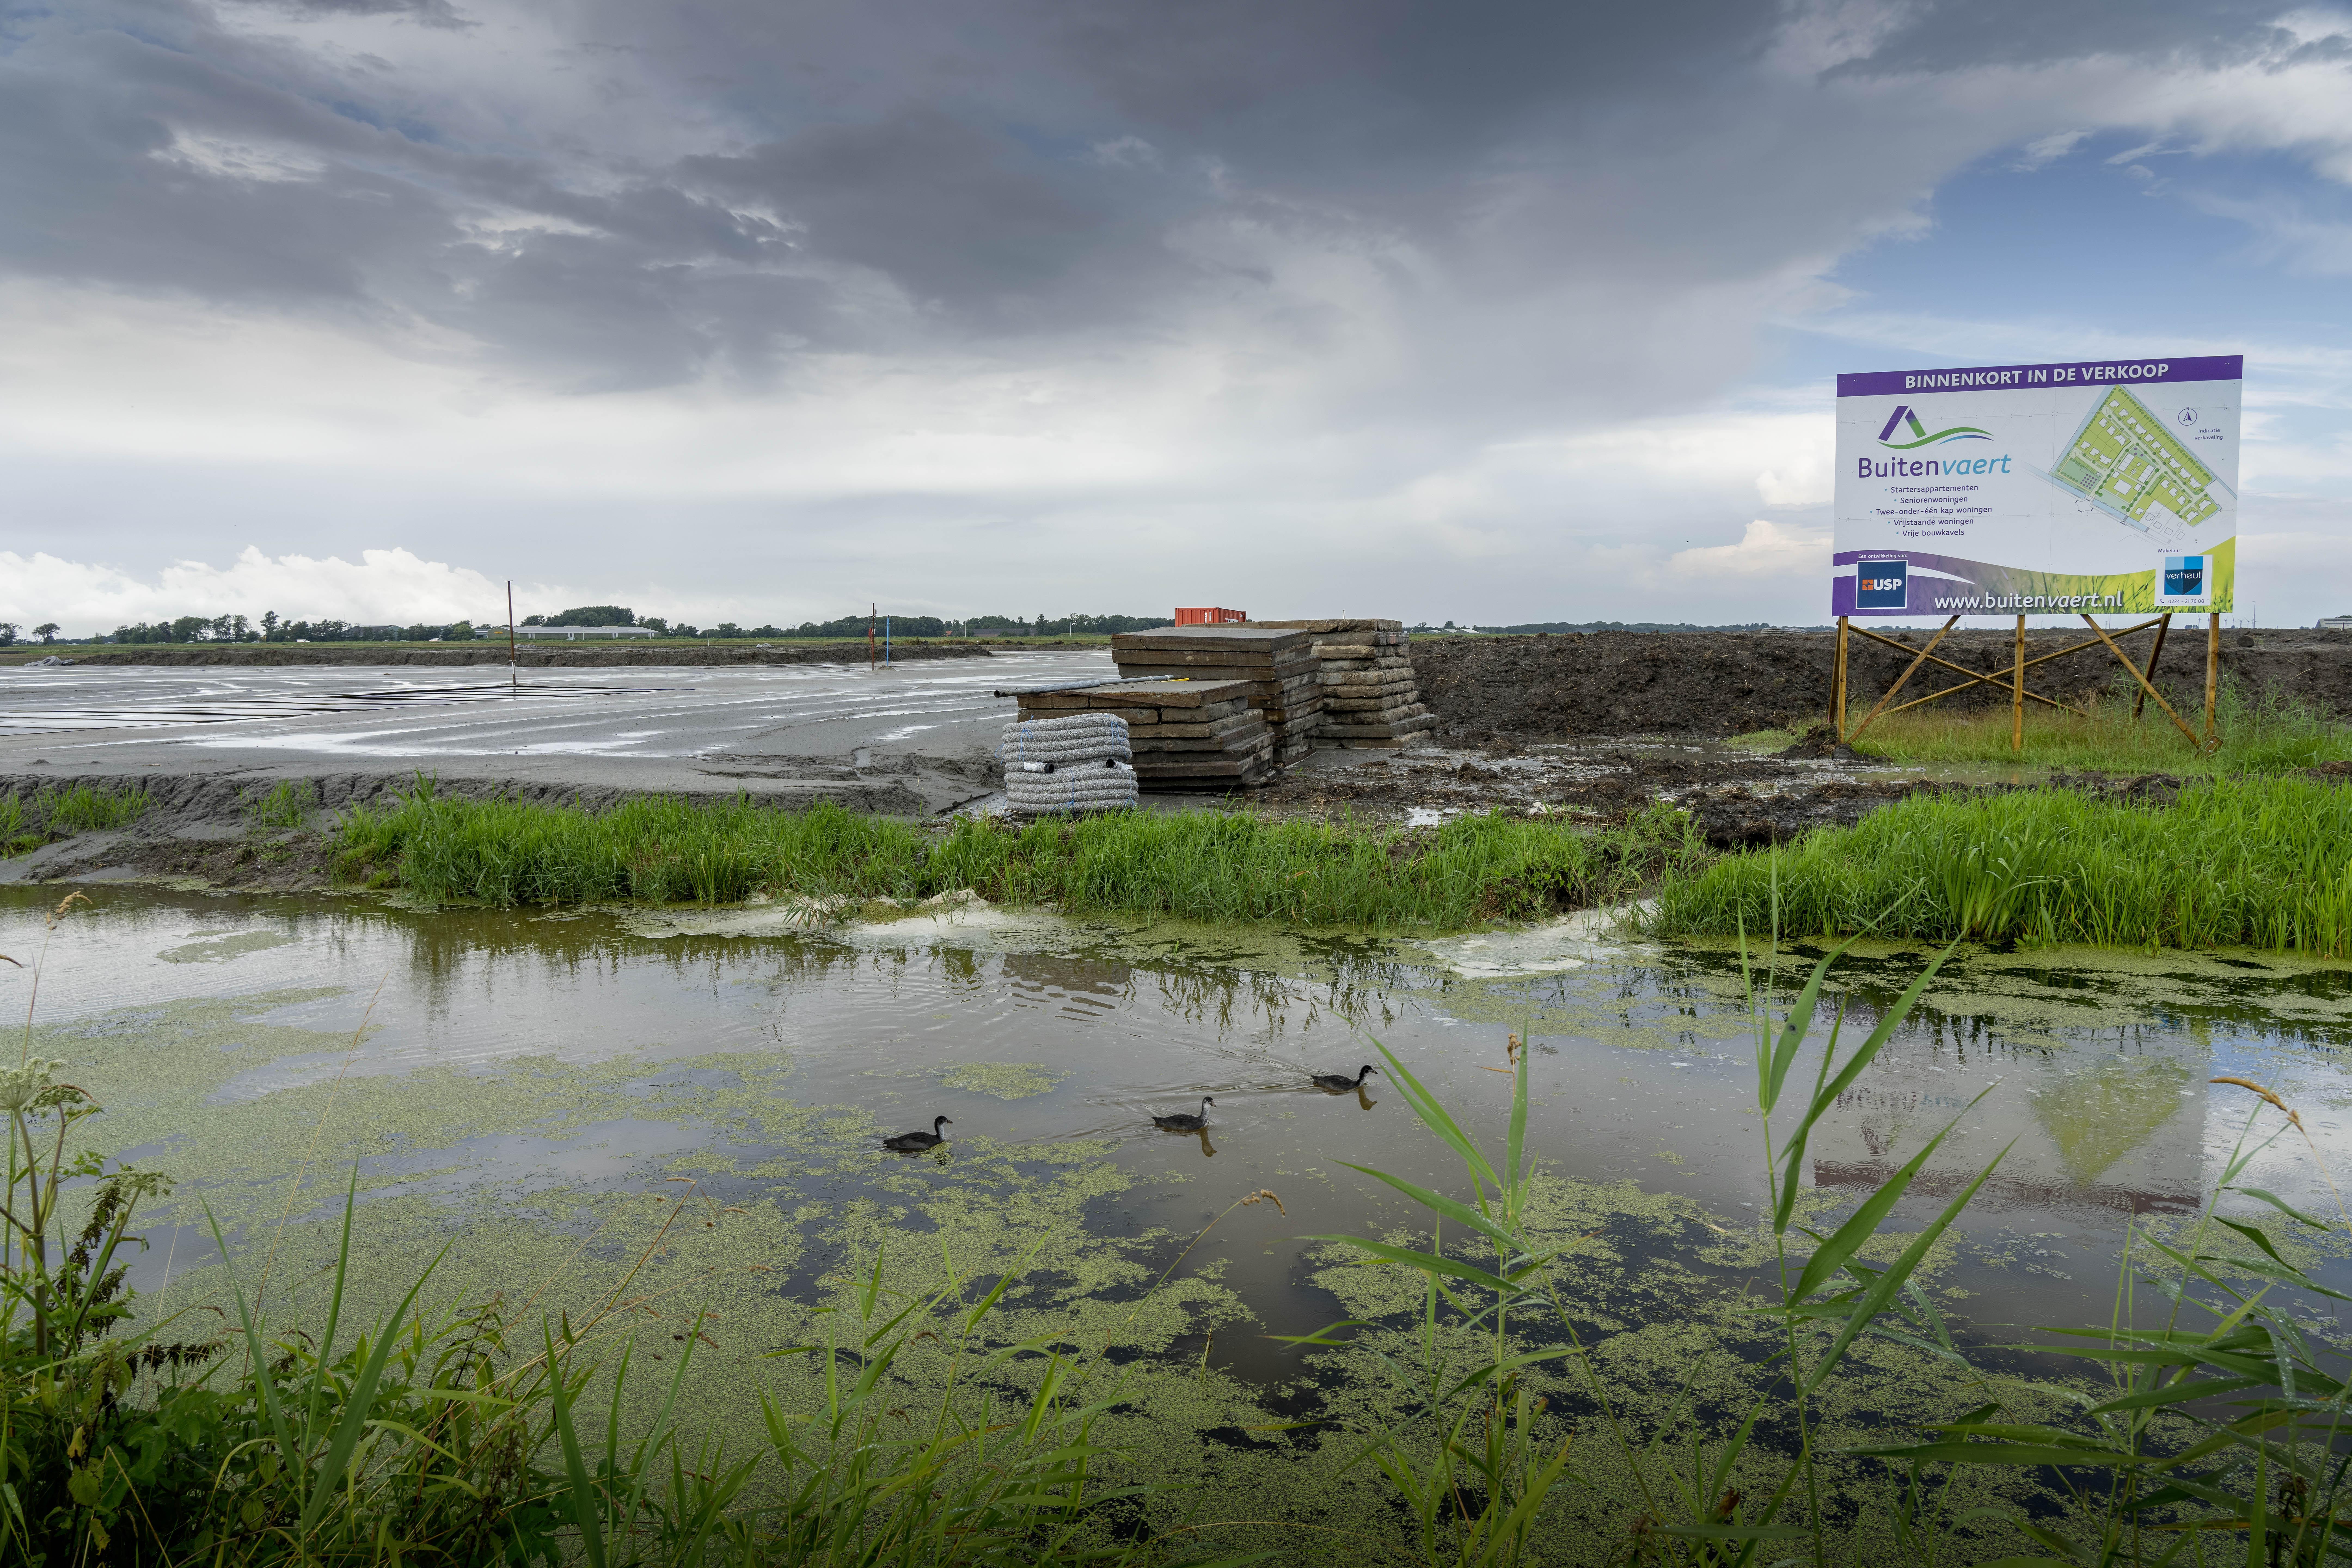 Grond voor dorpsplan Buitenvaert wordt bouwrijp gemaakt. Verkoop start in oktober maar de belangstelling is nu al heel groot